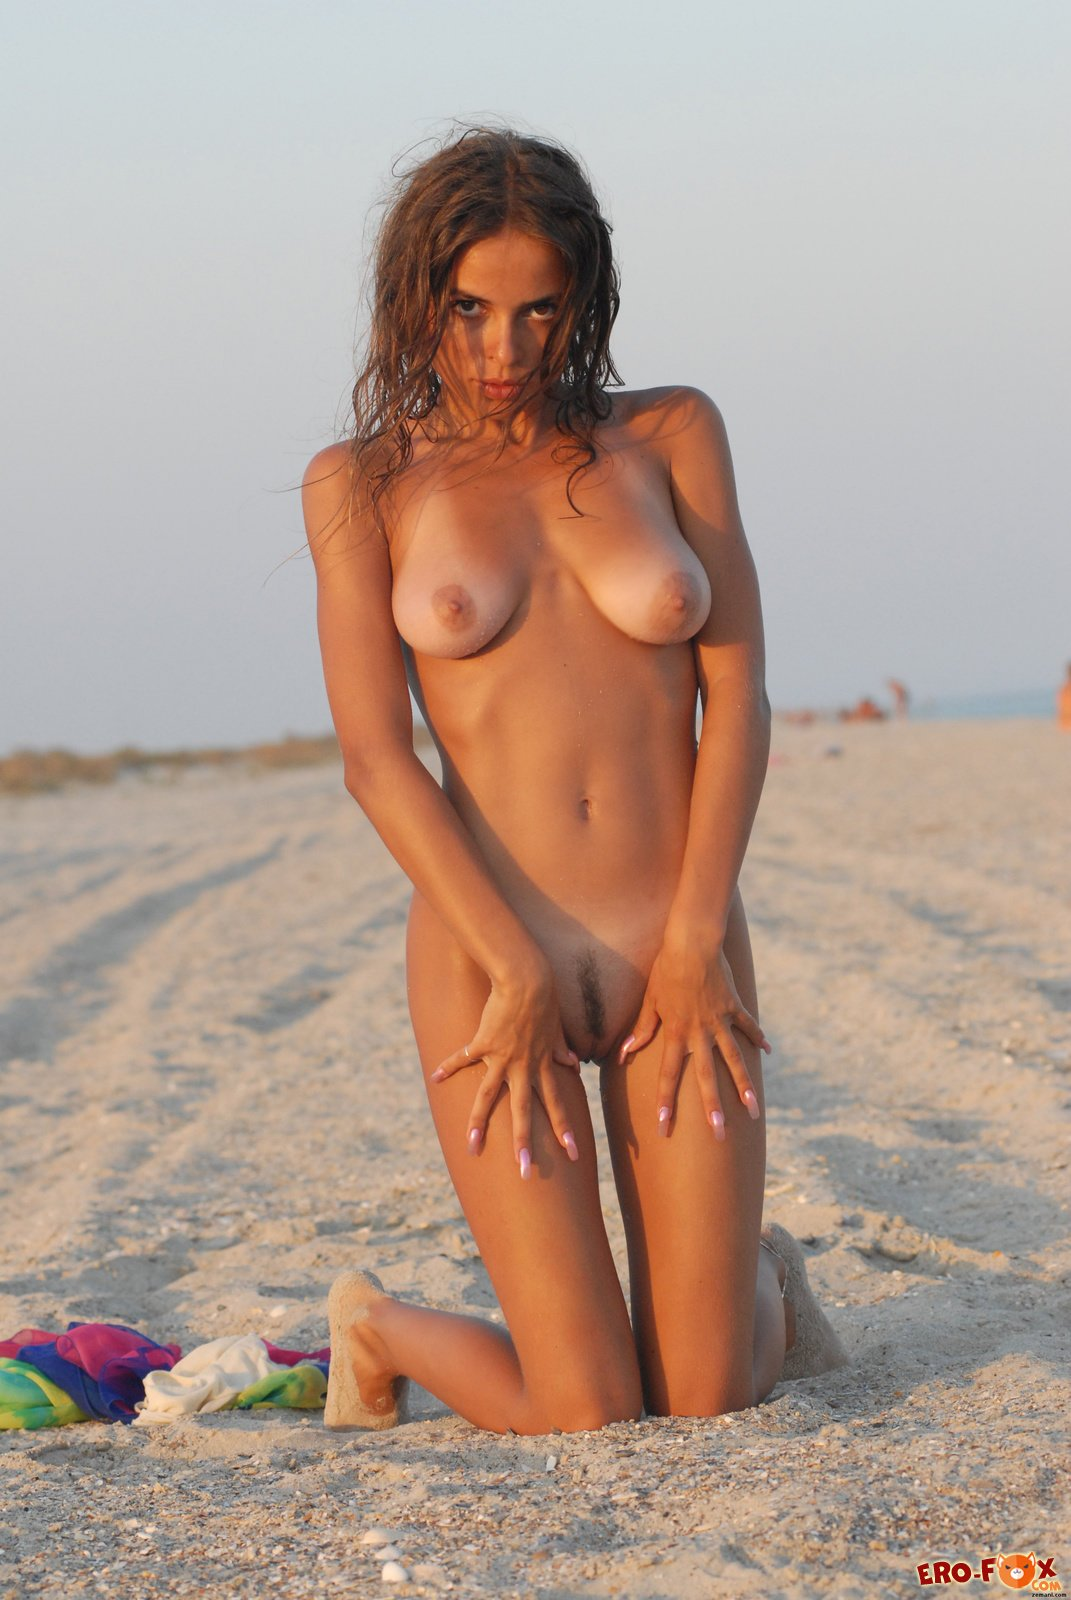 Грудастая девушка загорает на песке фото 91-751